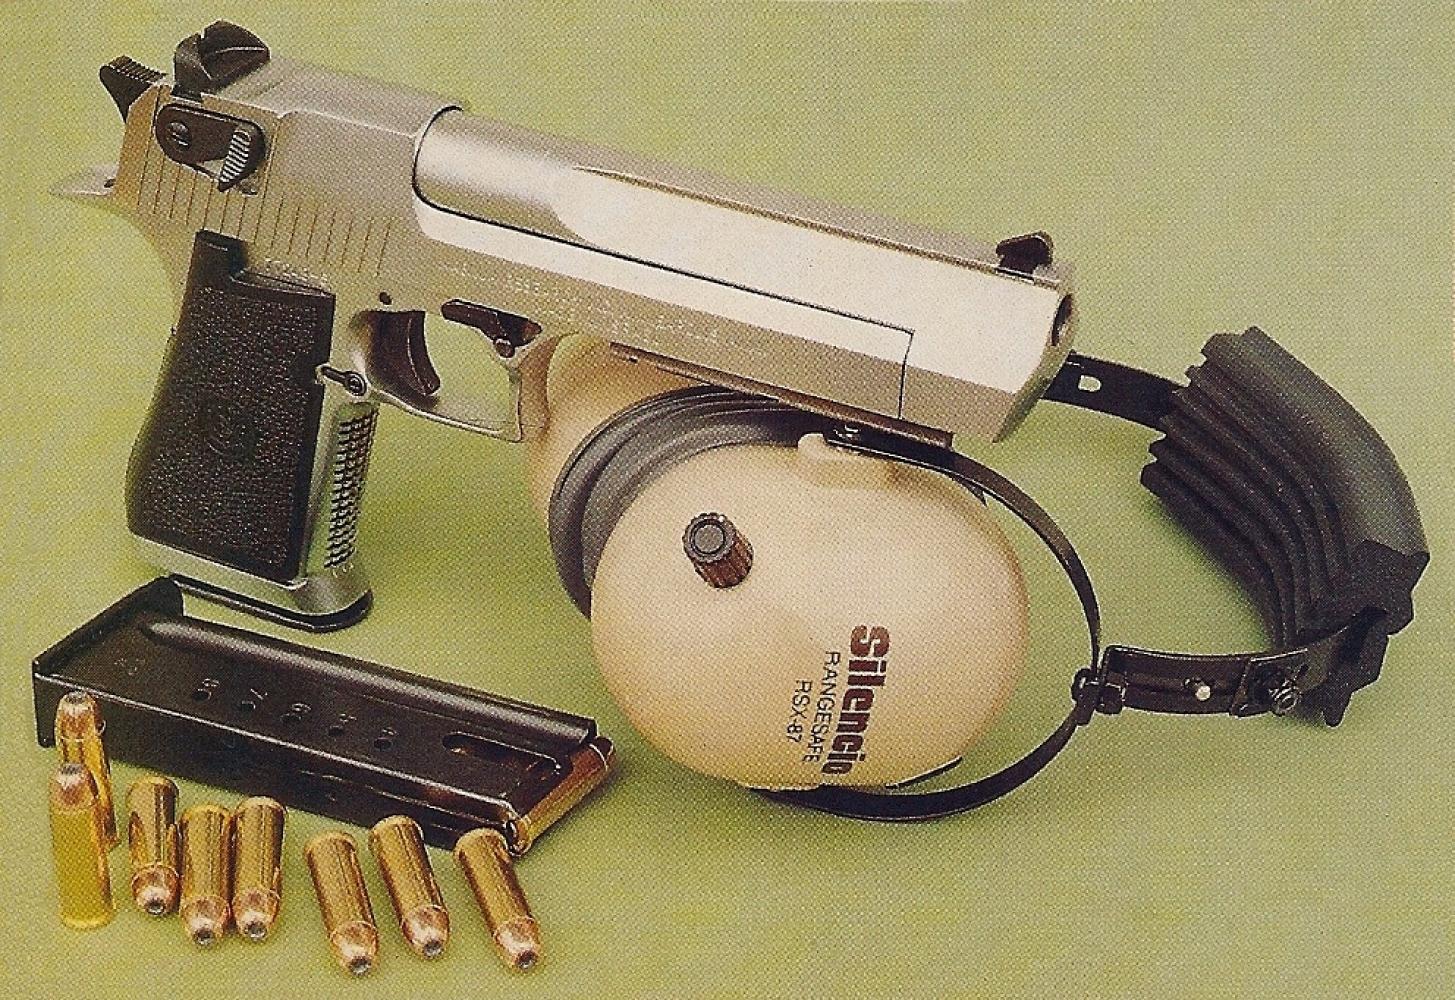 Son chargeur accueille 8 cartouches de calibre .44 Magnum emmagasinées sur une simple pile, ce qui porte la capacité de l'arme à 9 coups (avec une cartouche préalablement chambrée).